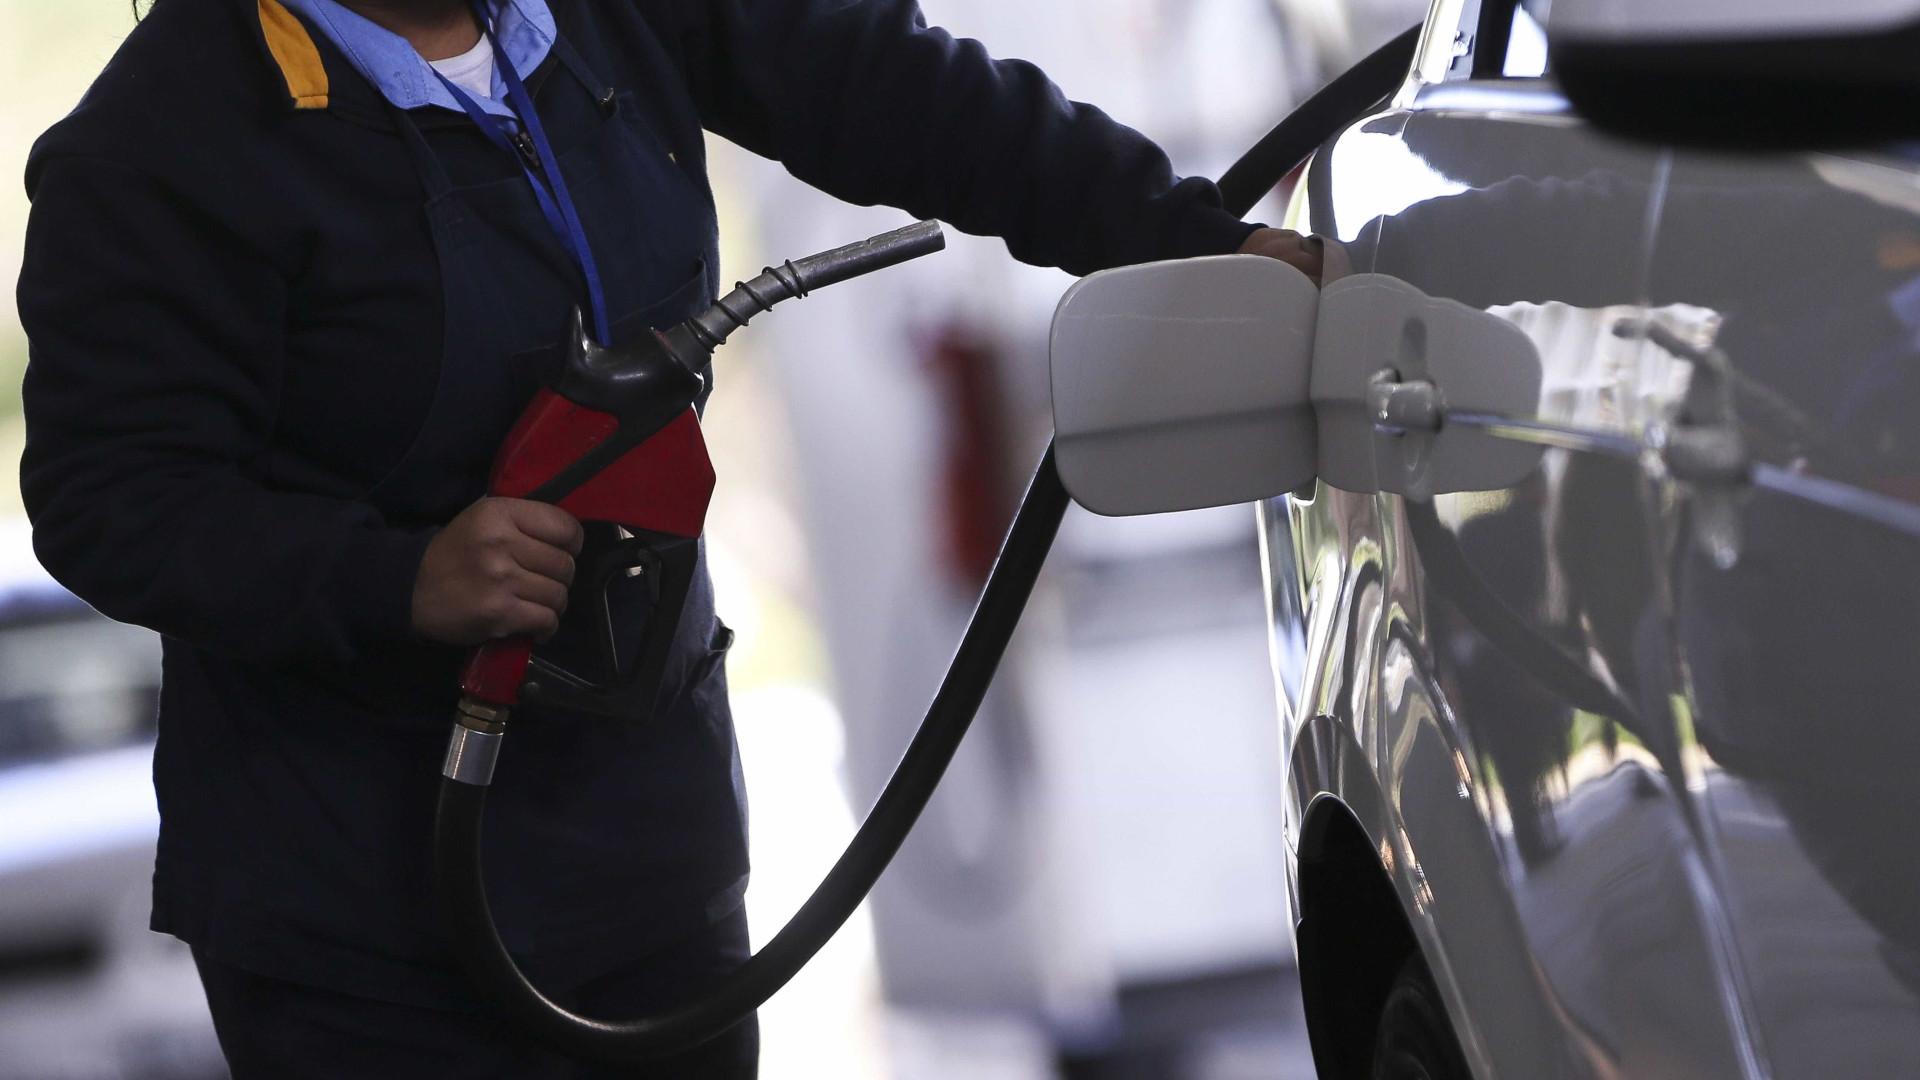 Após 7 altas, Petrobras anuncia corte no preço da gasolina